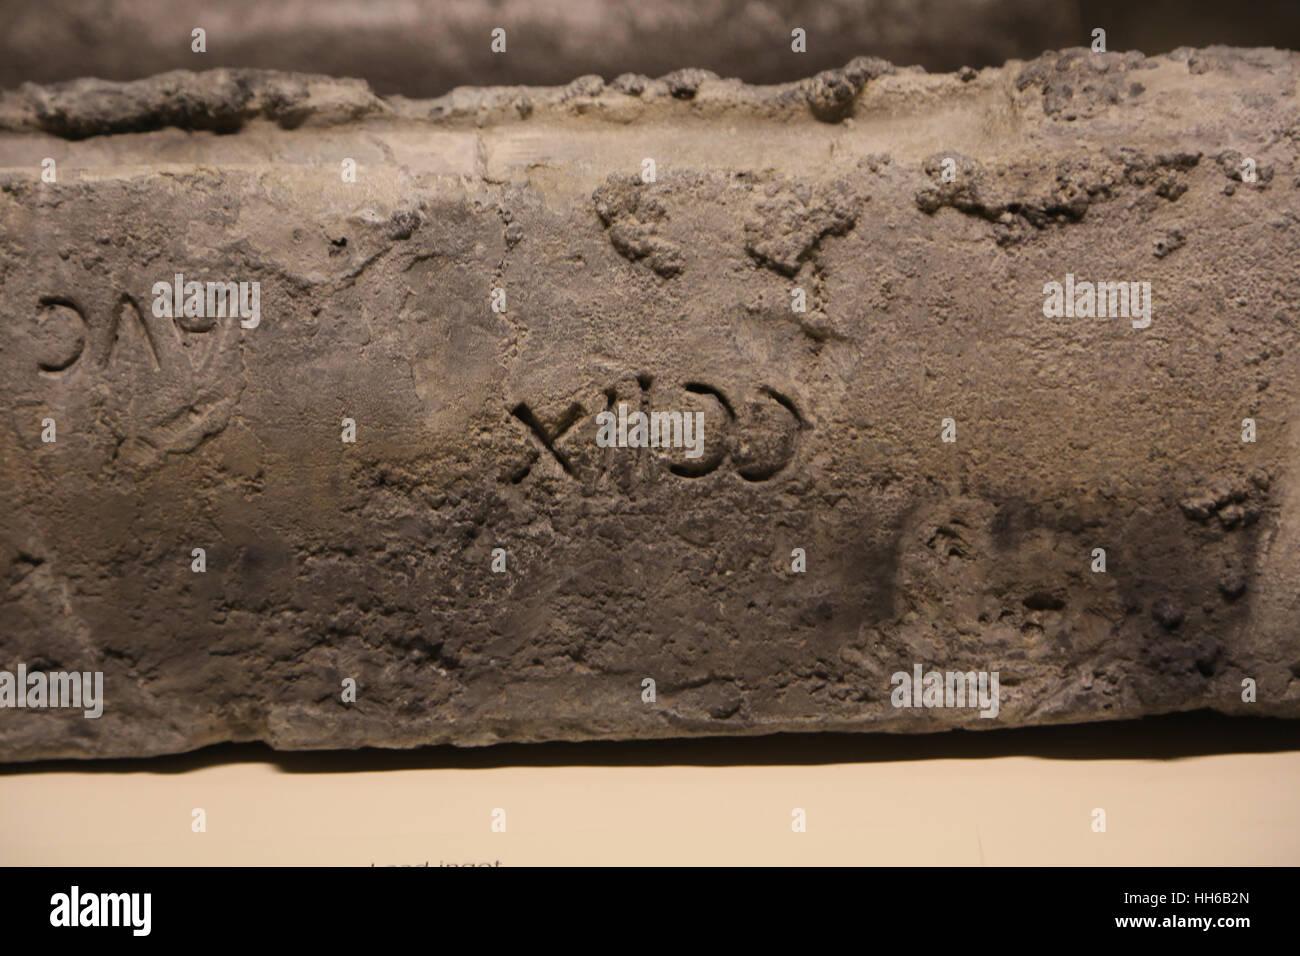 Hispania romana. Lingotto di piombo. 1 ° secolo. Miniere di Linares-La Carolina, Sierra Morena montagne, Spagna. Immagini Stock